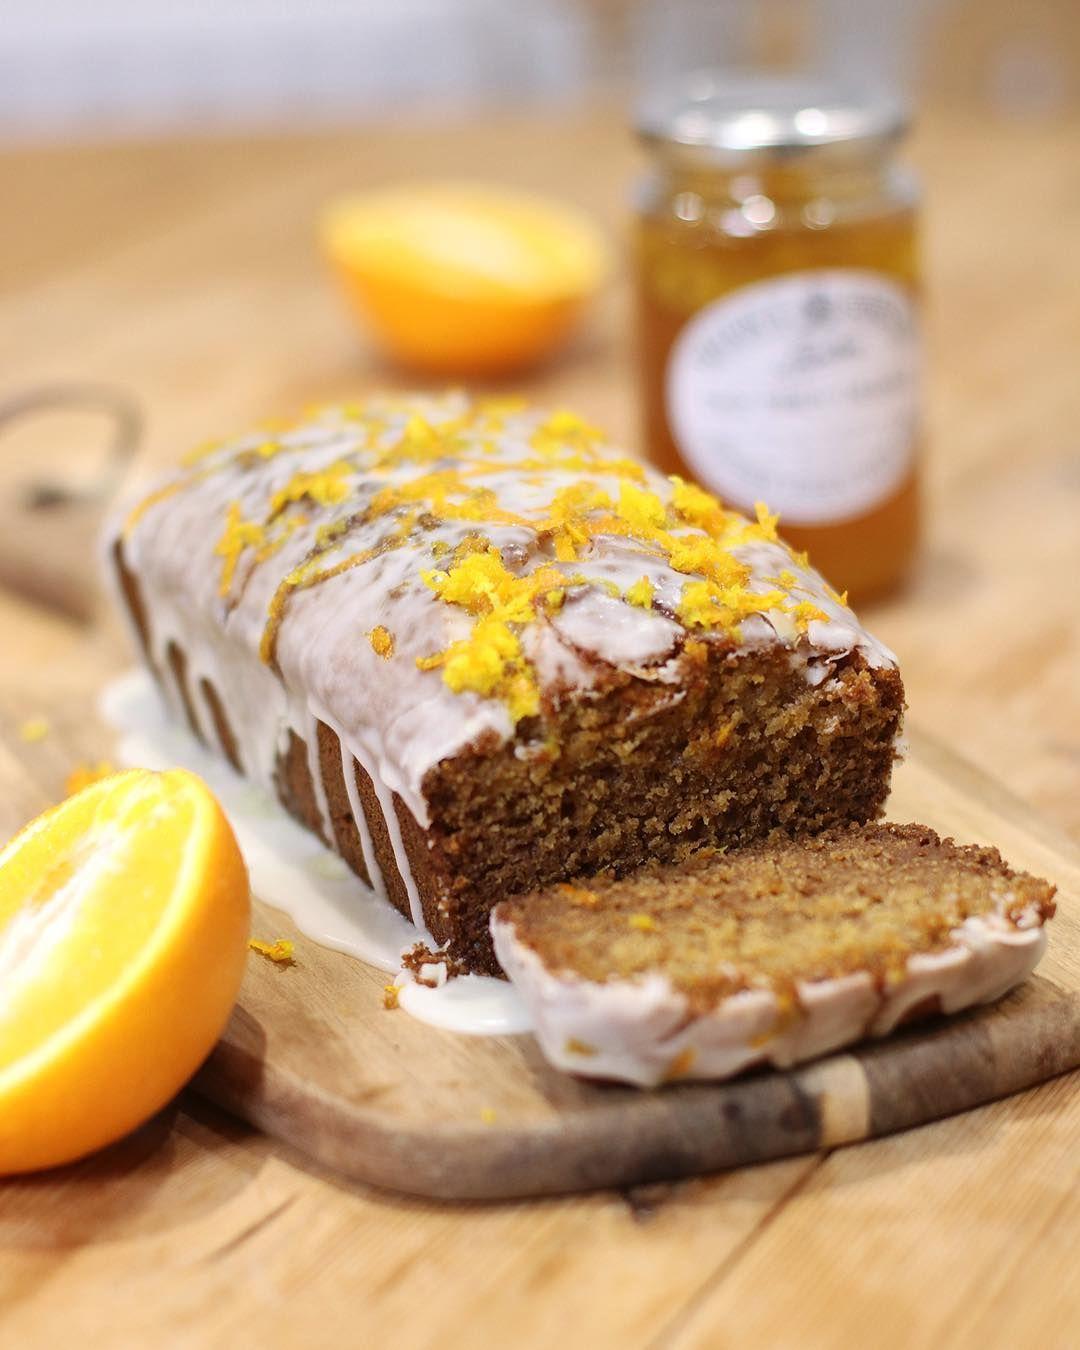 easy gluten free desserts uk